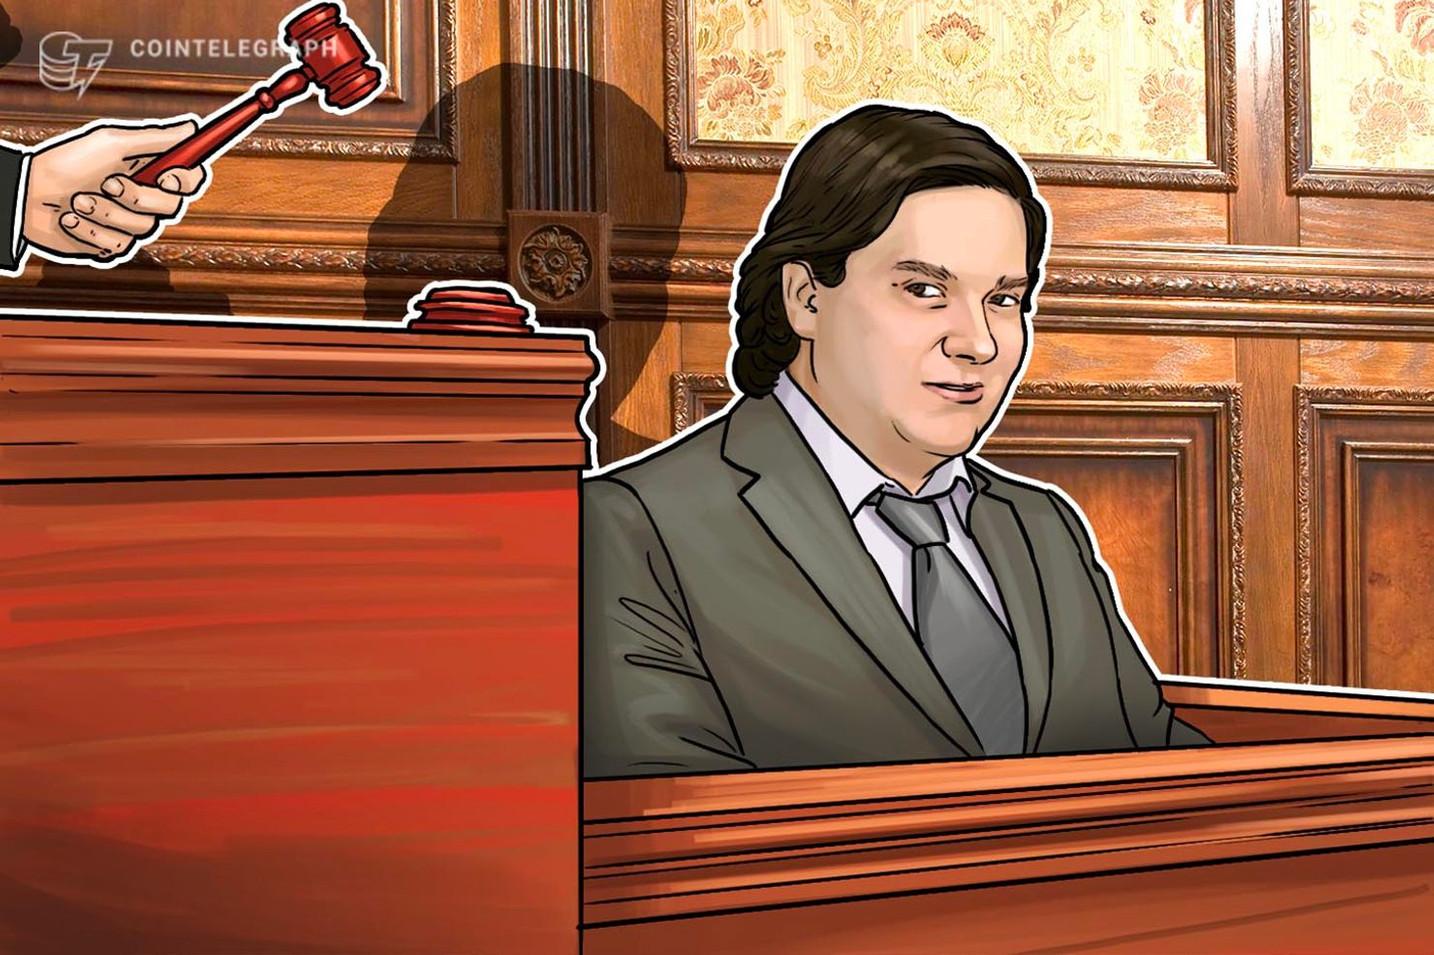 【速報】マウントゴックス事件で元代表マルク・カルプレスが検察側から懲役10年を求刑される